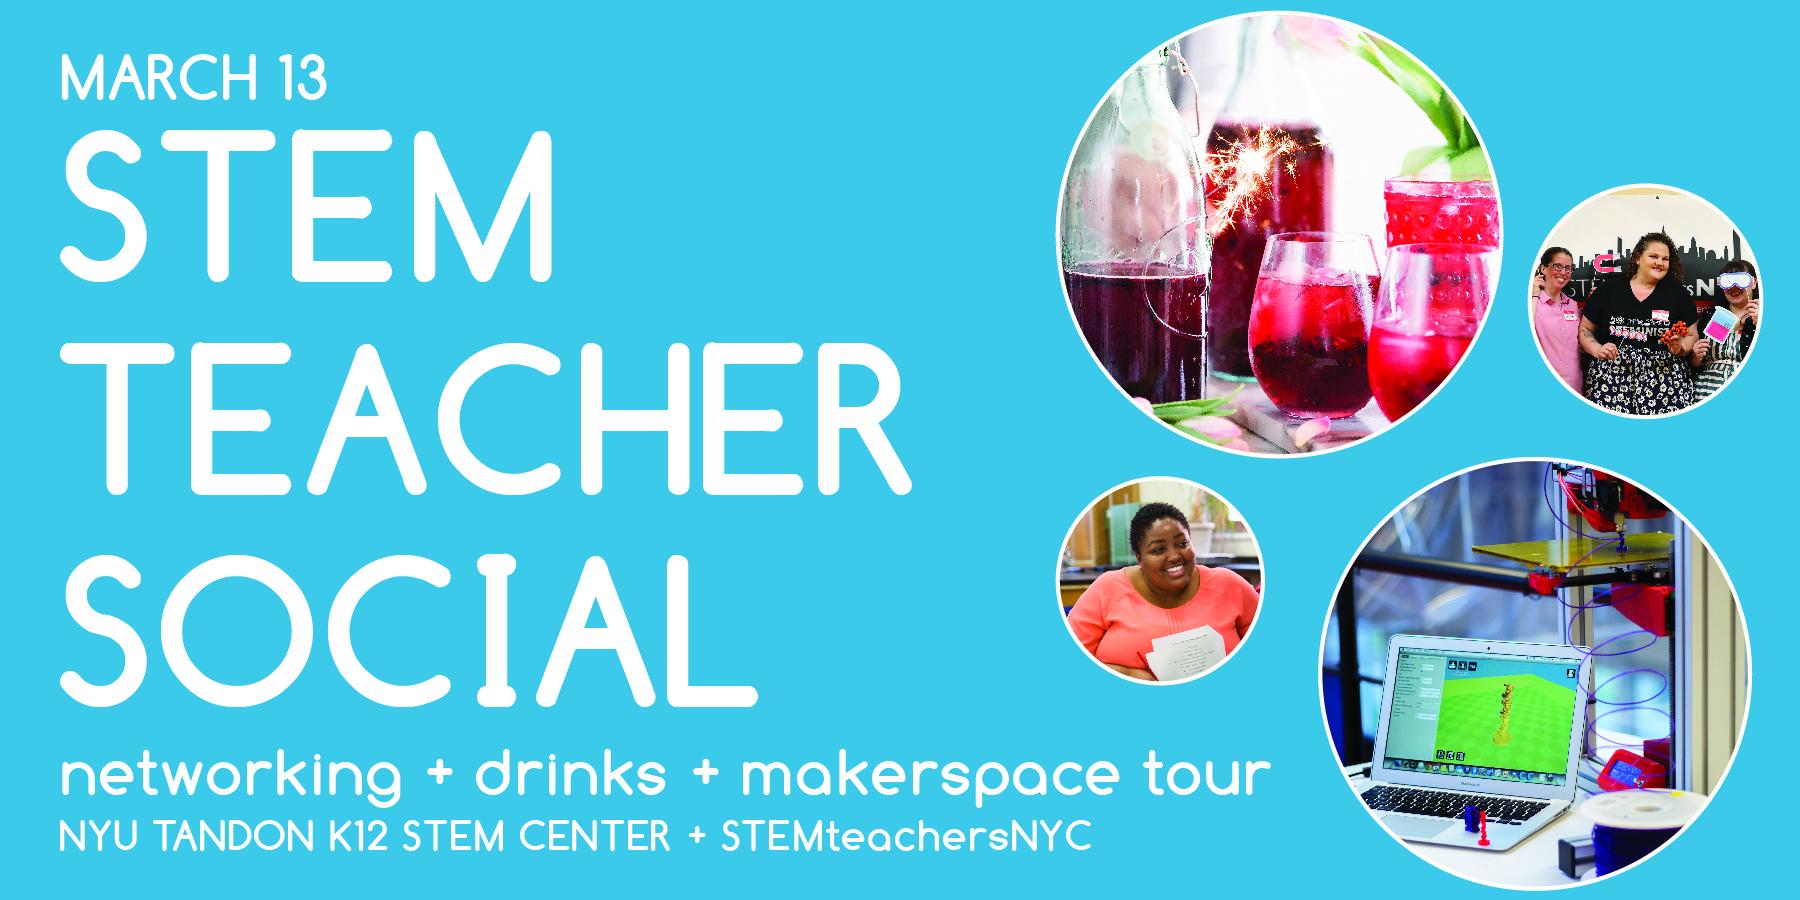 STEM Teacher Social at NYU!